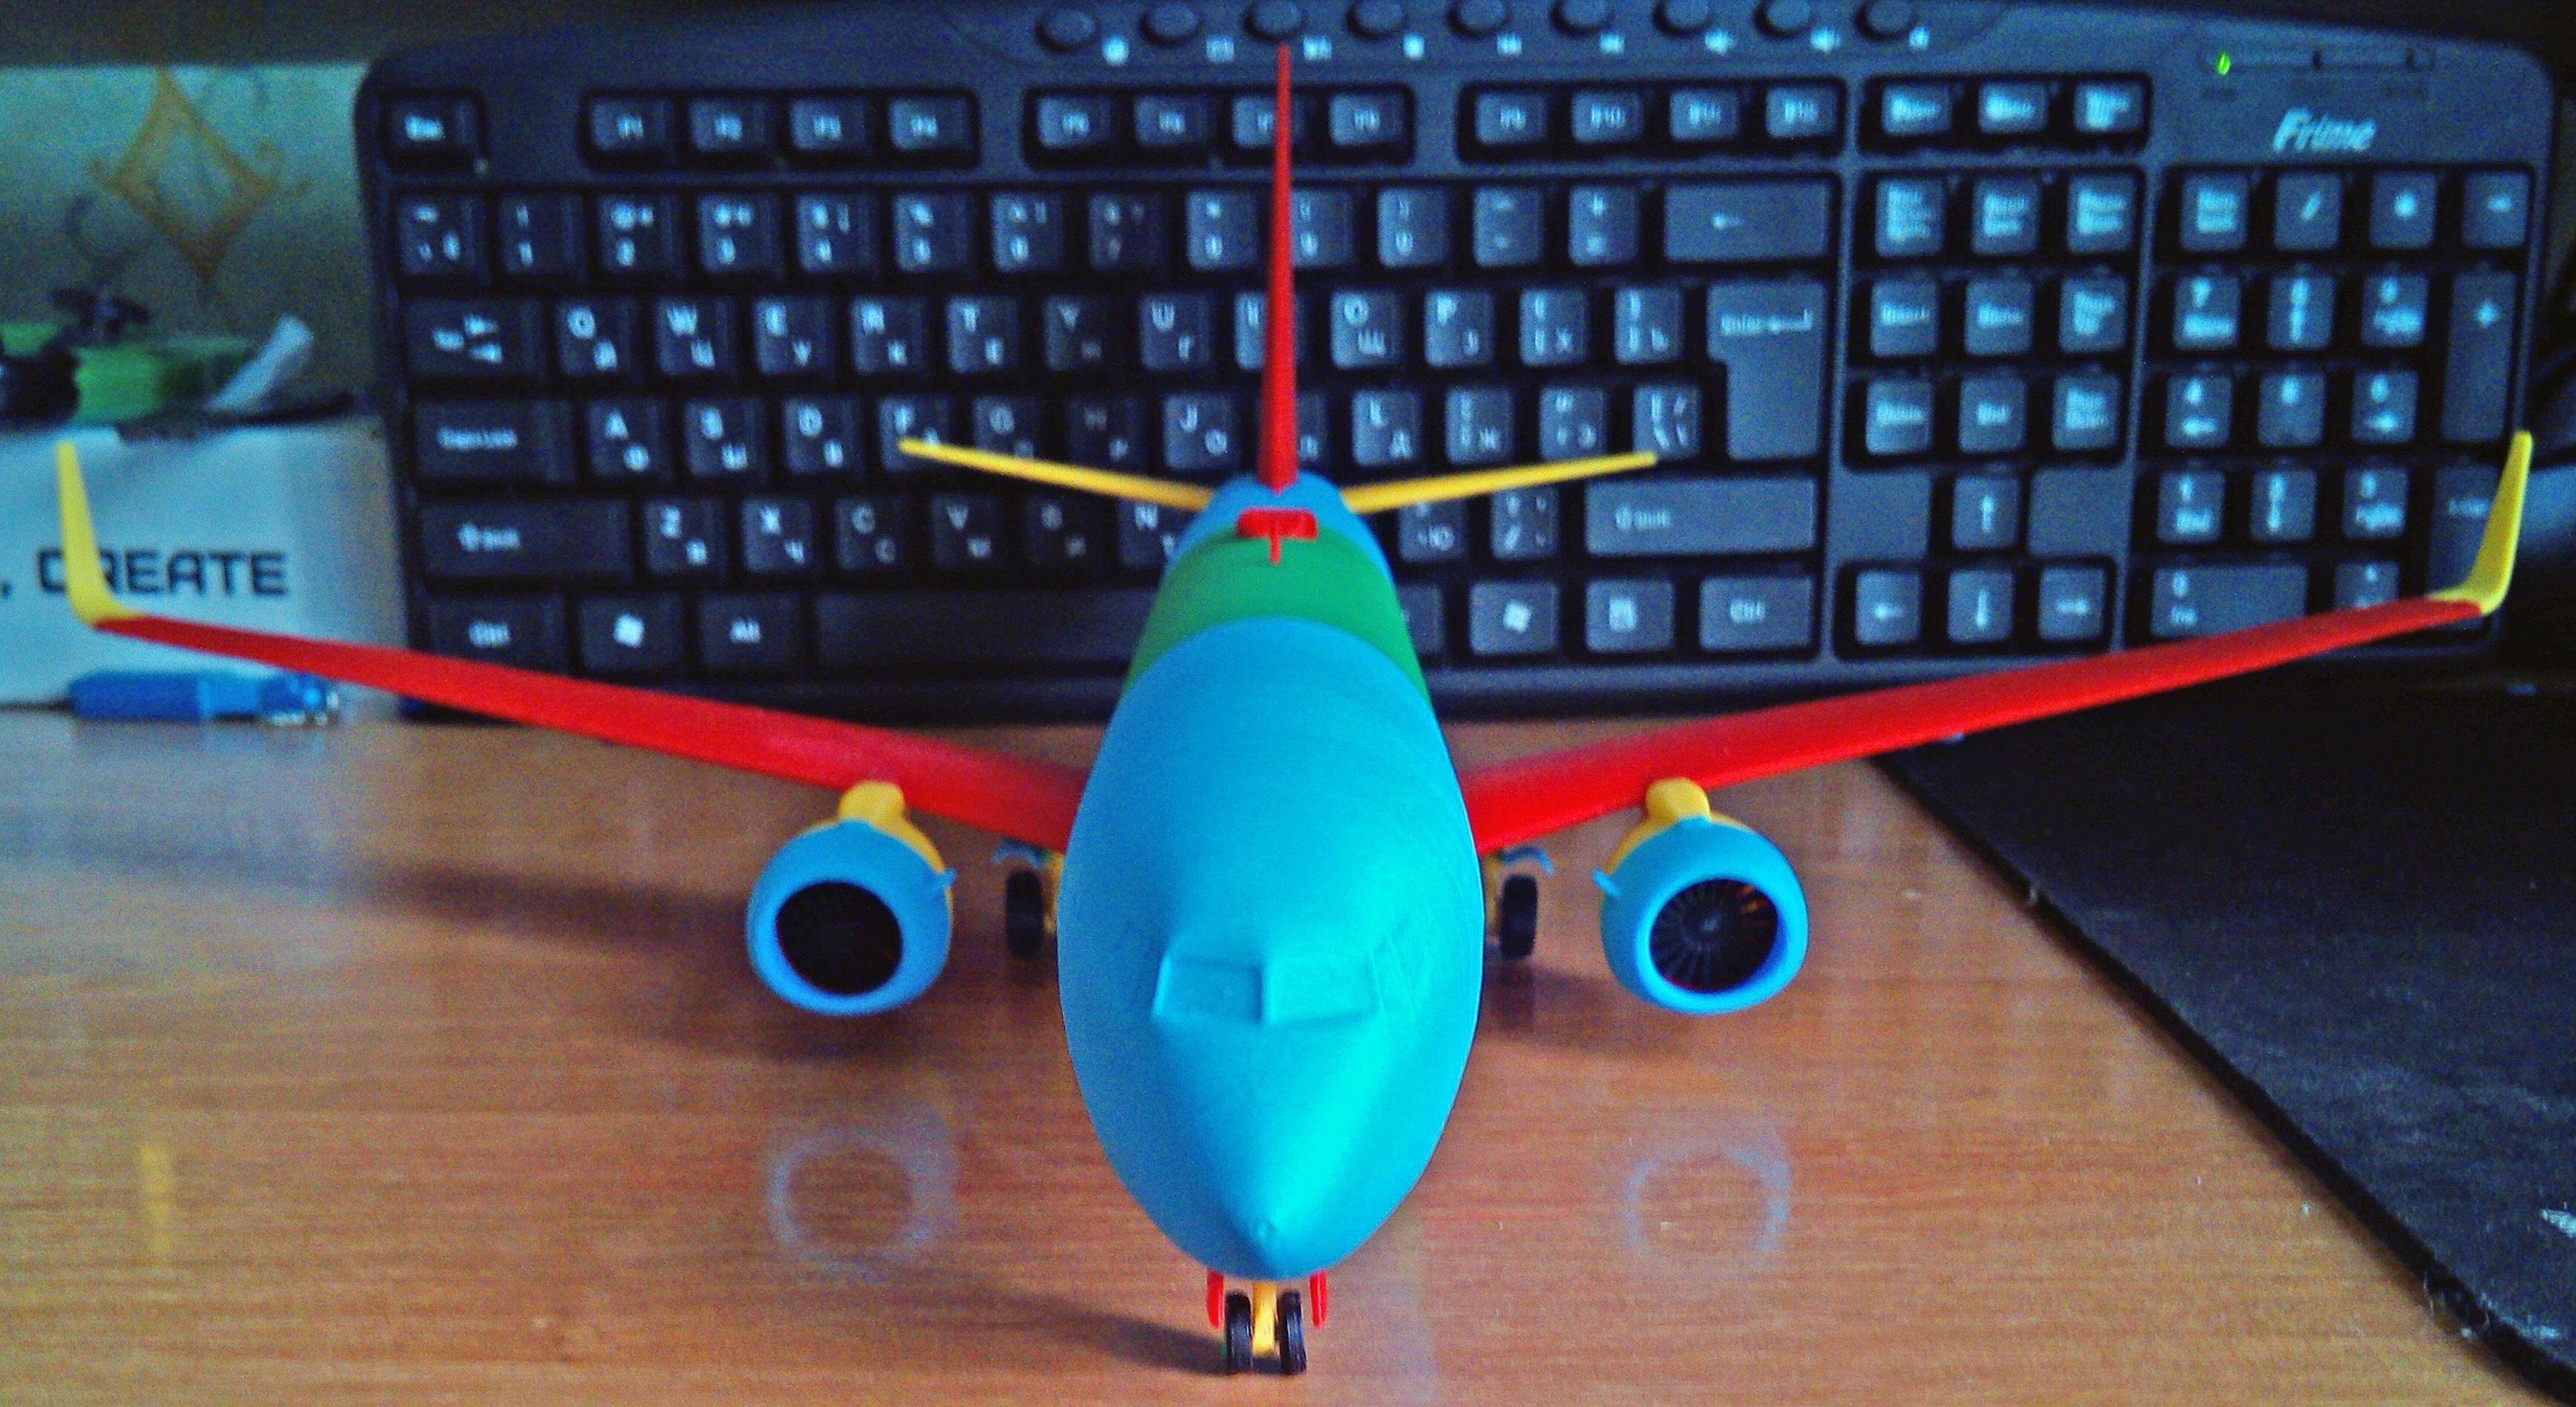 121213 Boeing 737-800 Sharklet Down